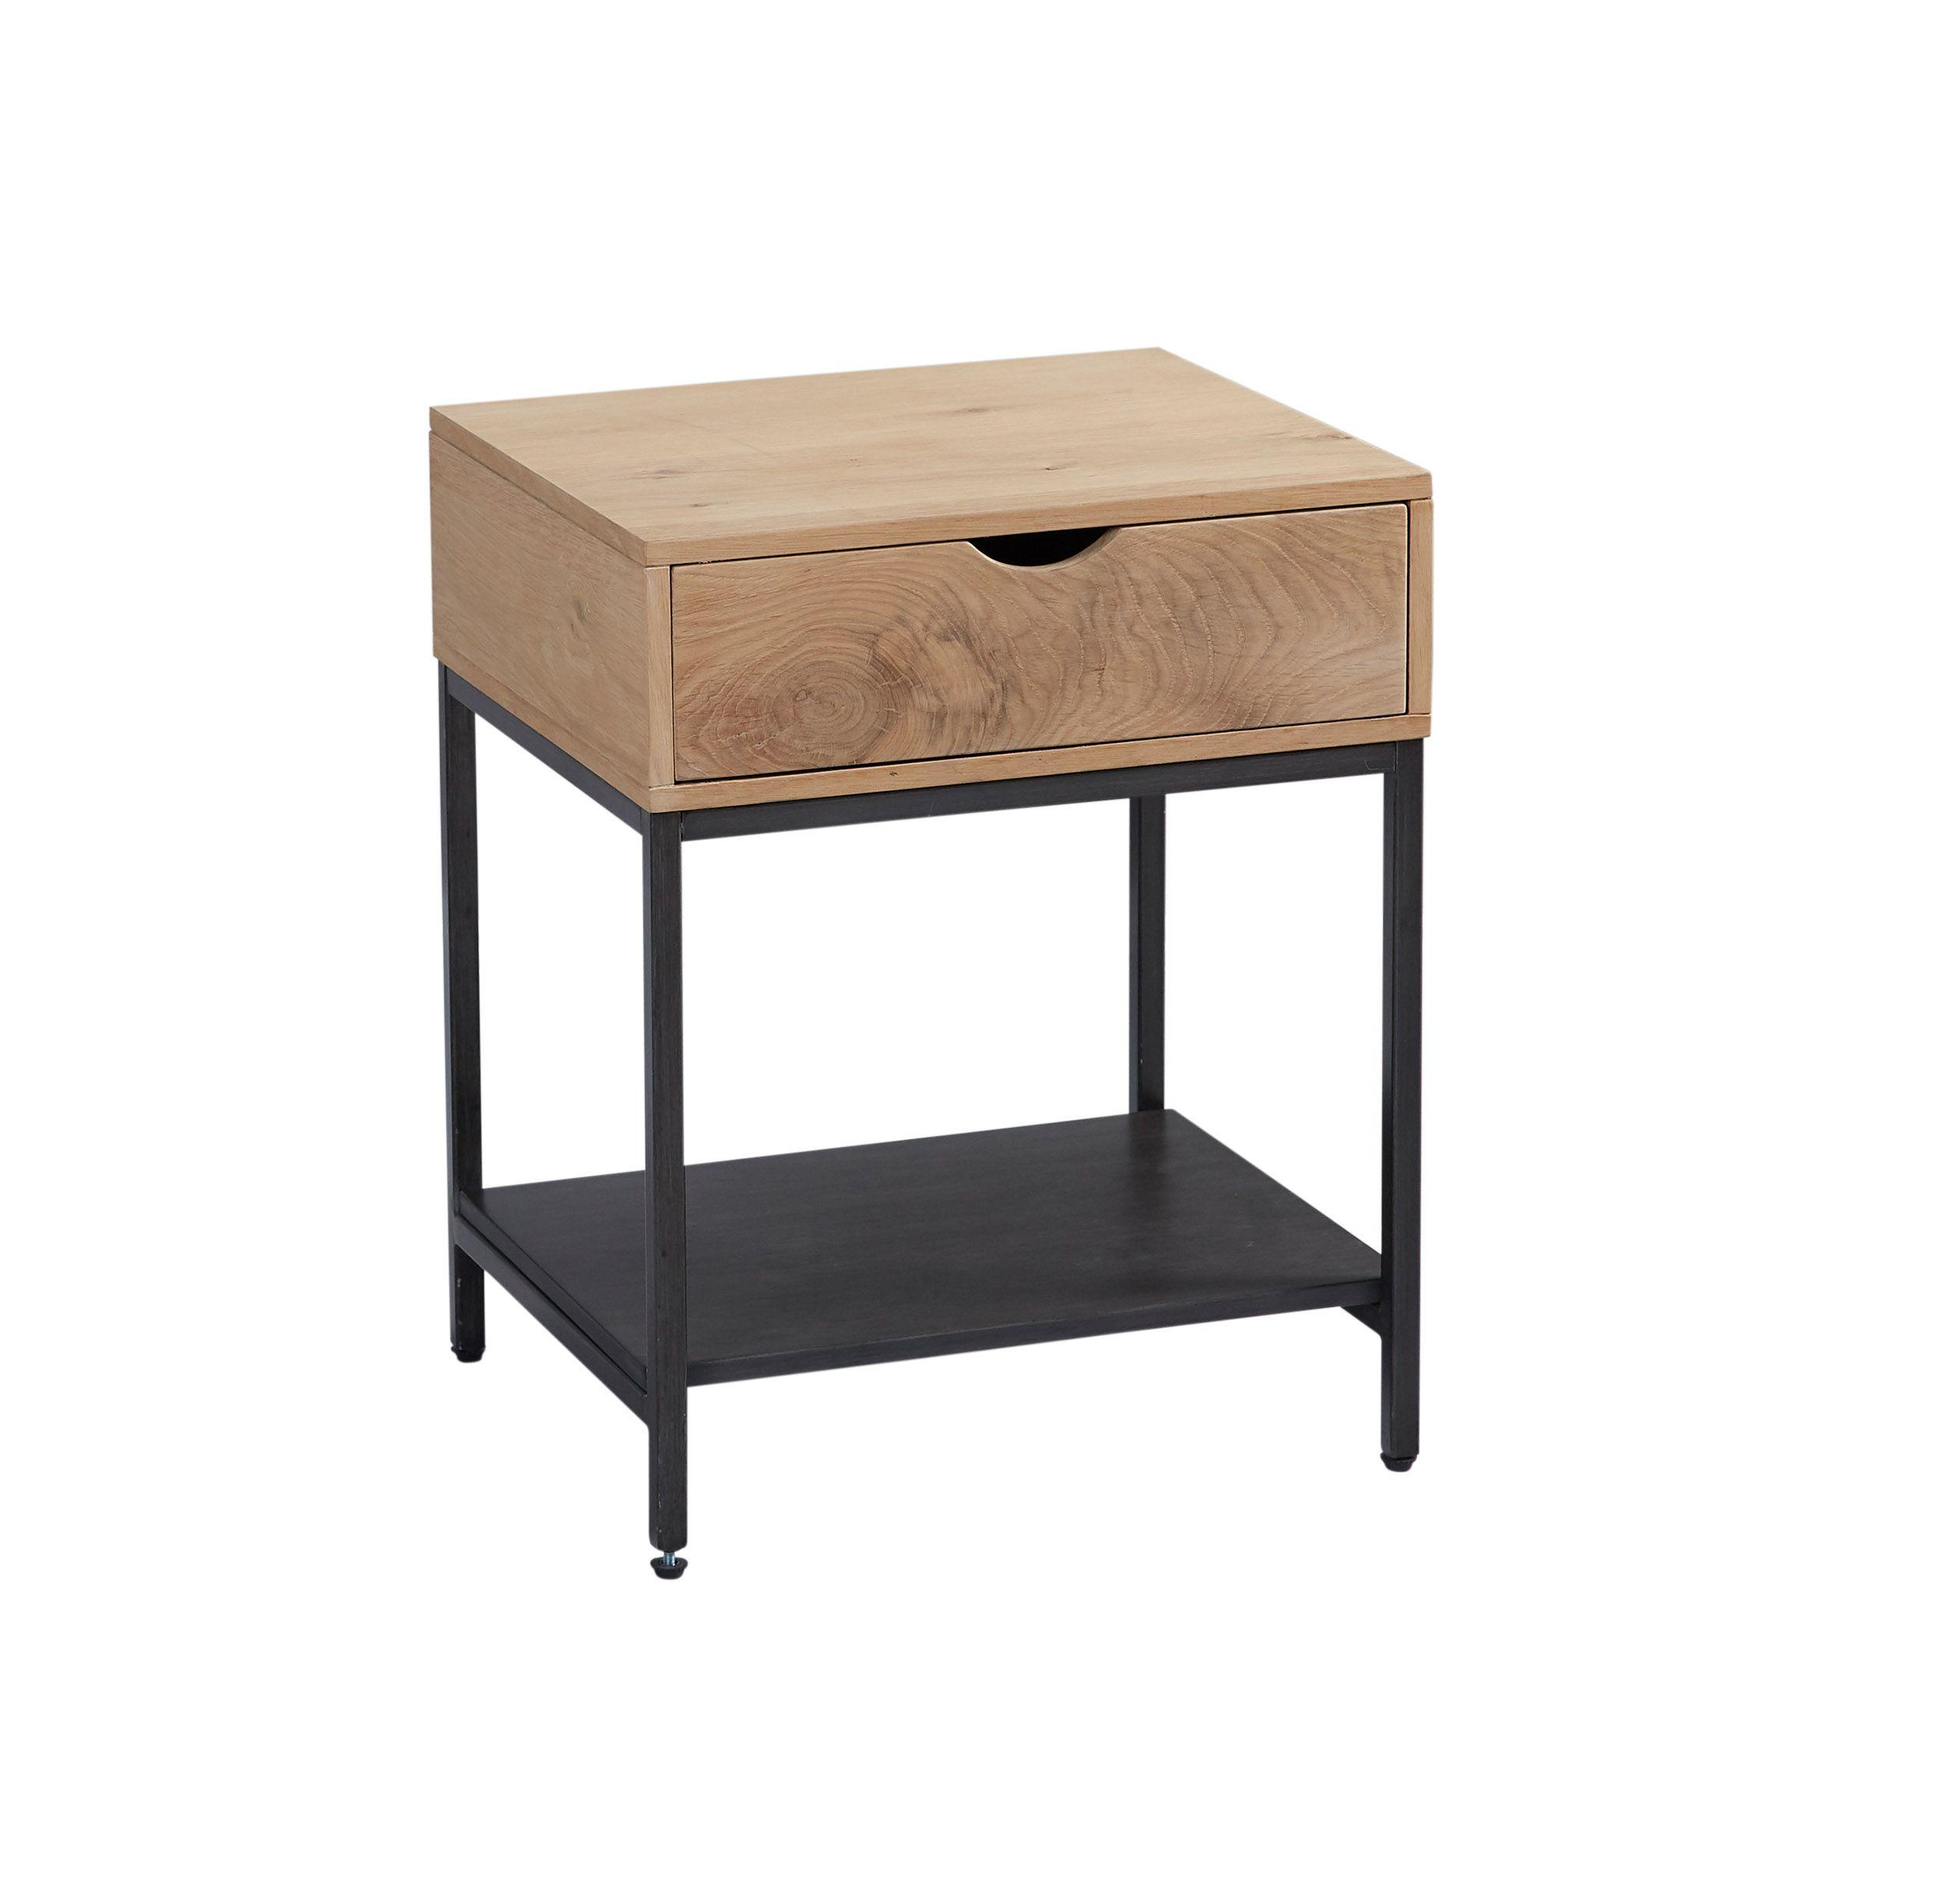 Lc Home Beistelltisch Nachttisch Mit Schublade Eiche Metalldieser Moderne Beistelltisch Im Industrial Desig Nachttisch Schublade Beistelltisch Industrial Tisch